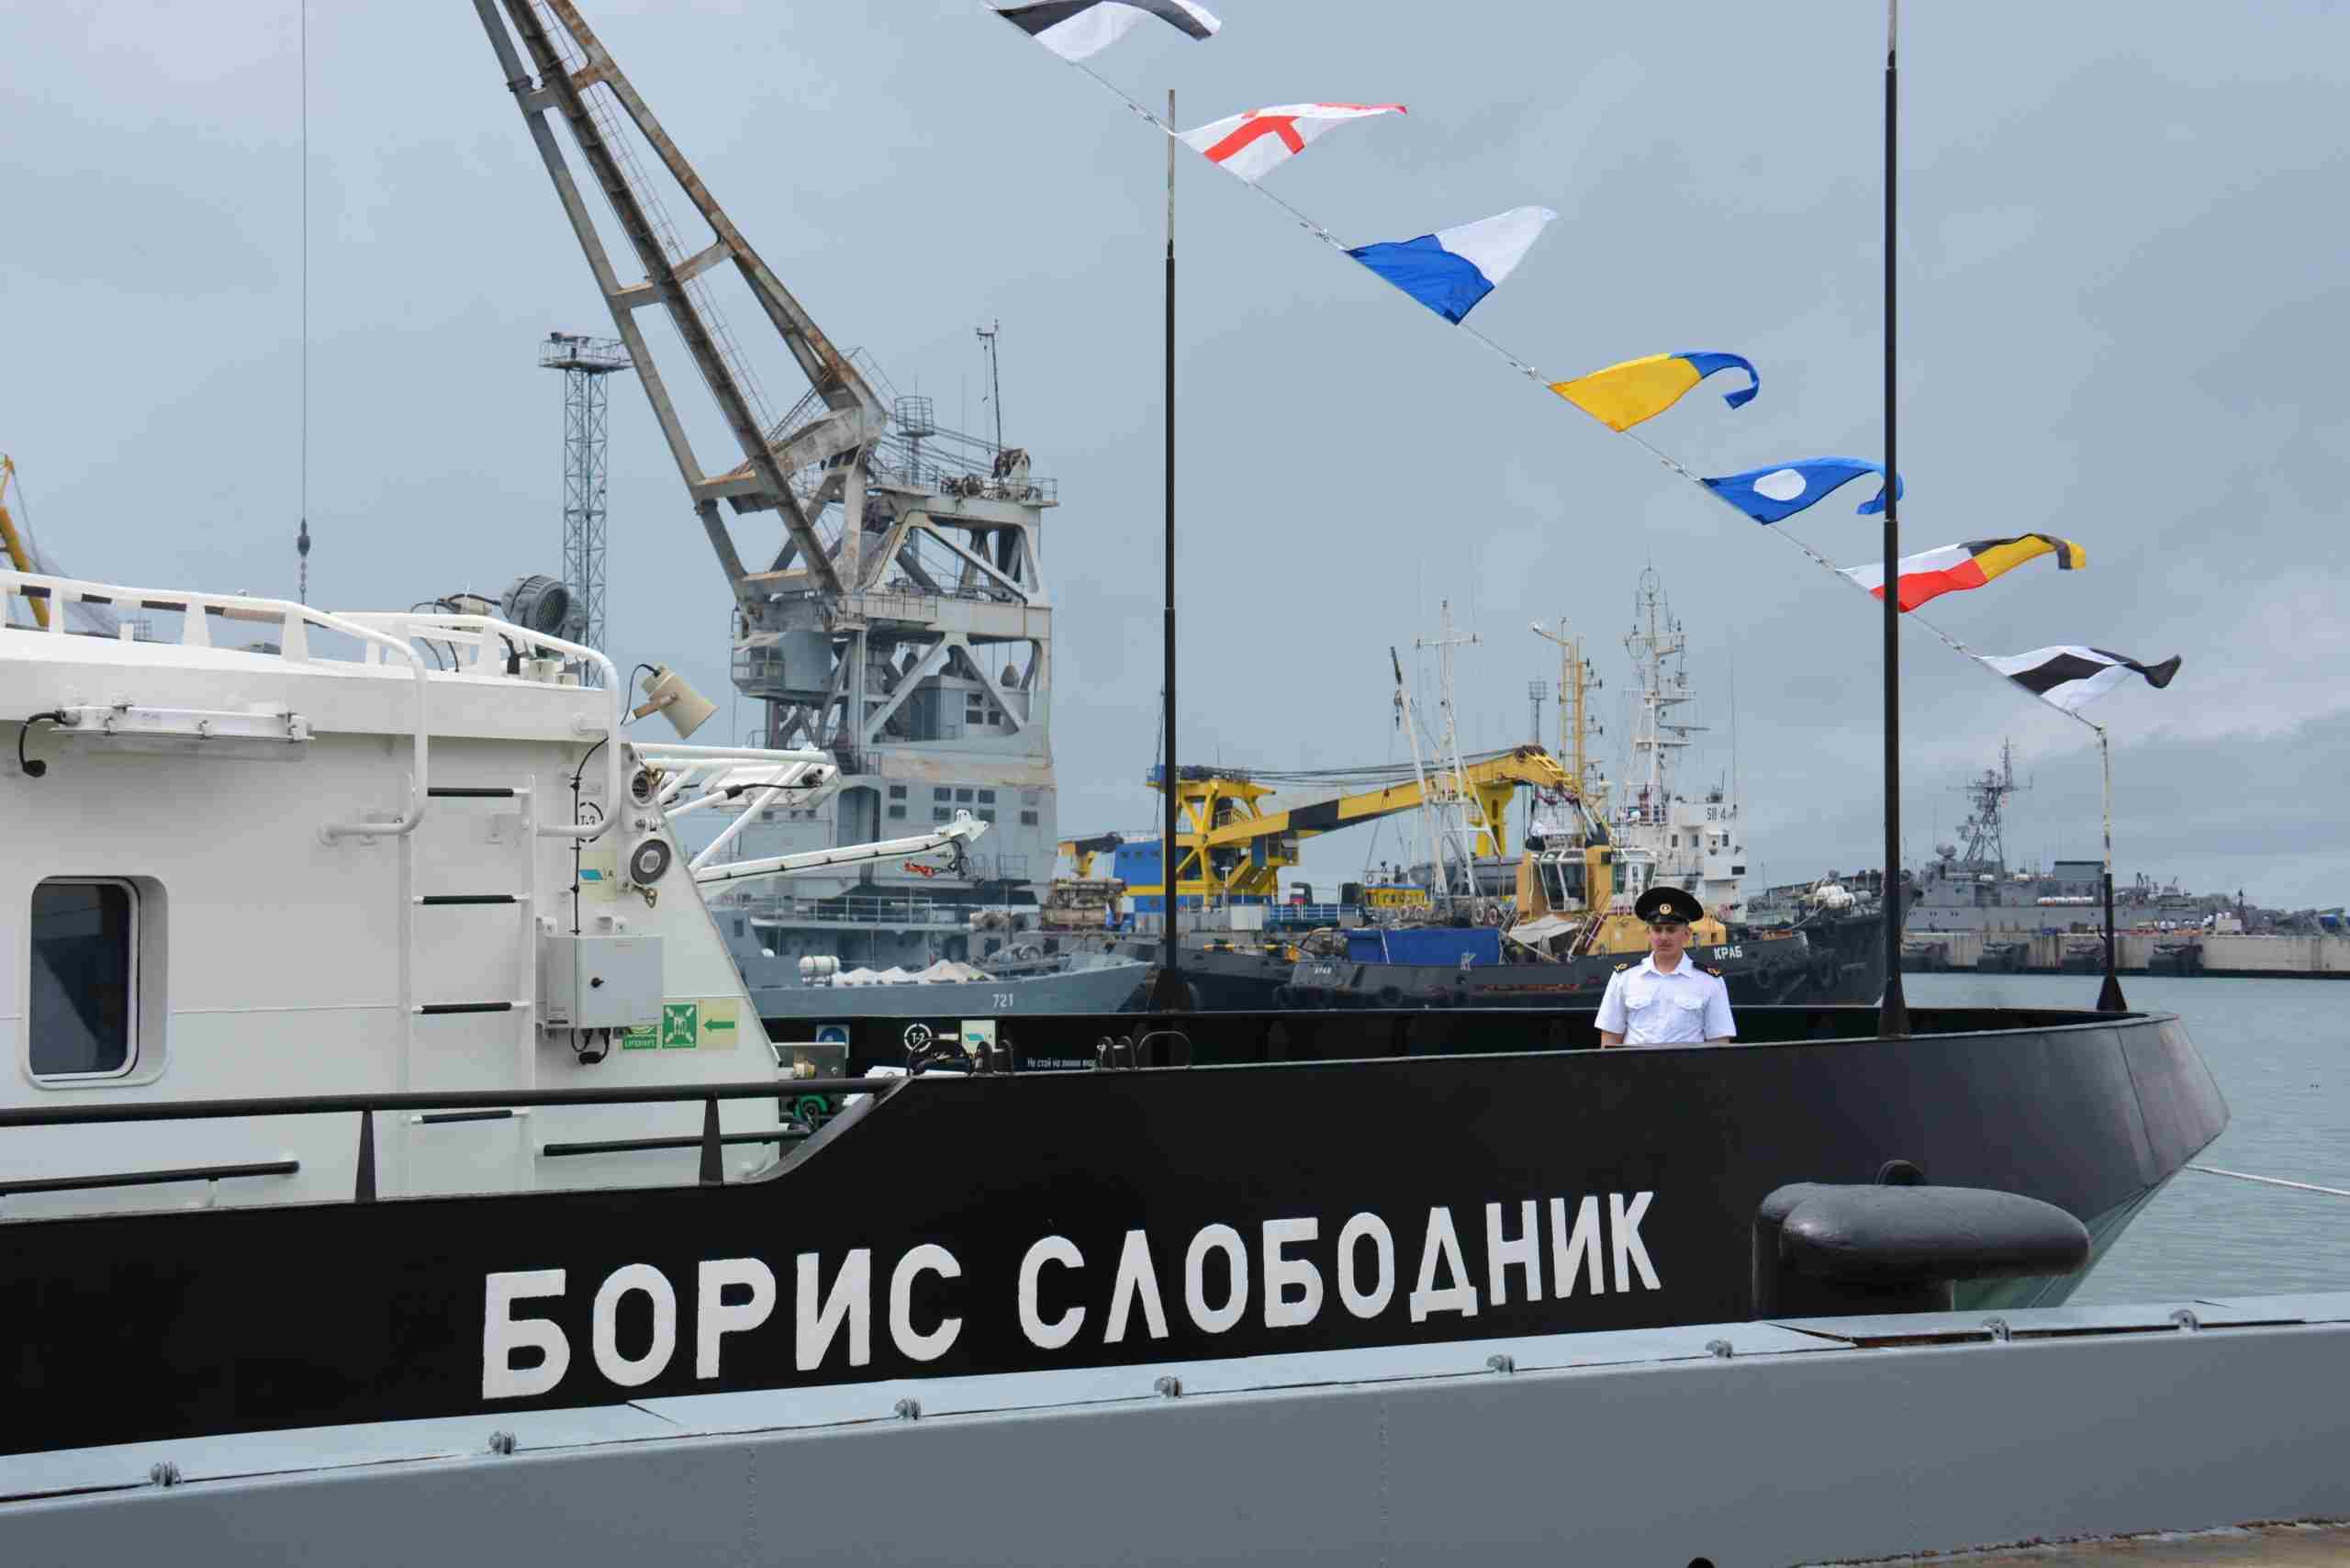 Большой гидрографический катер «Борис Слободник» вошел в состав Черноморского флота